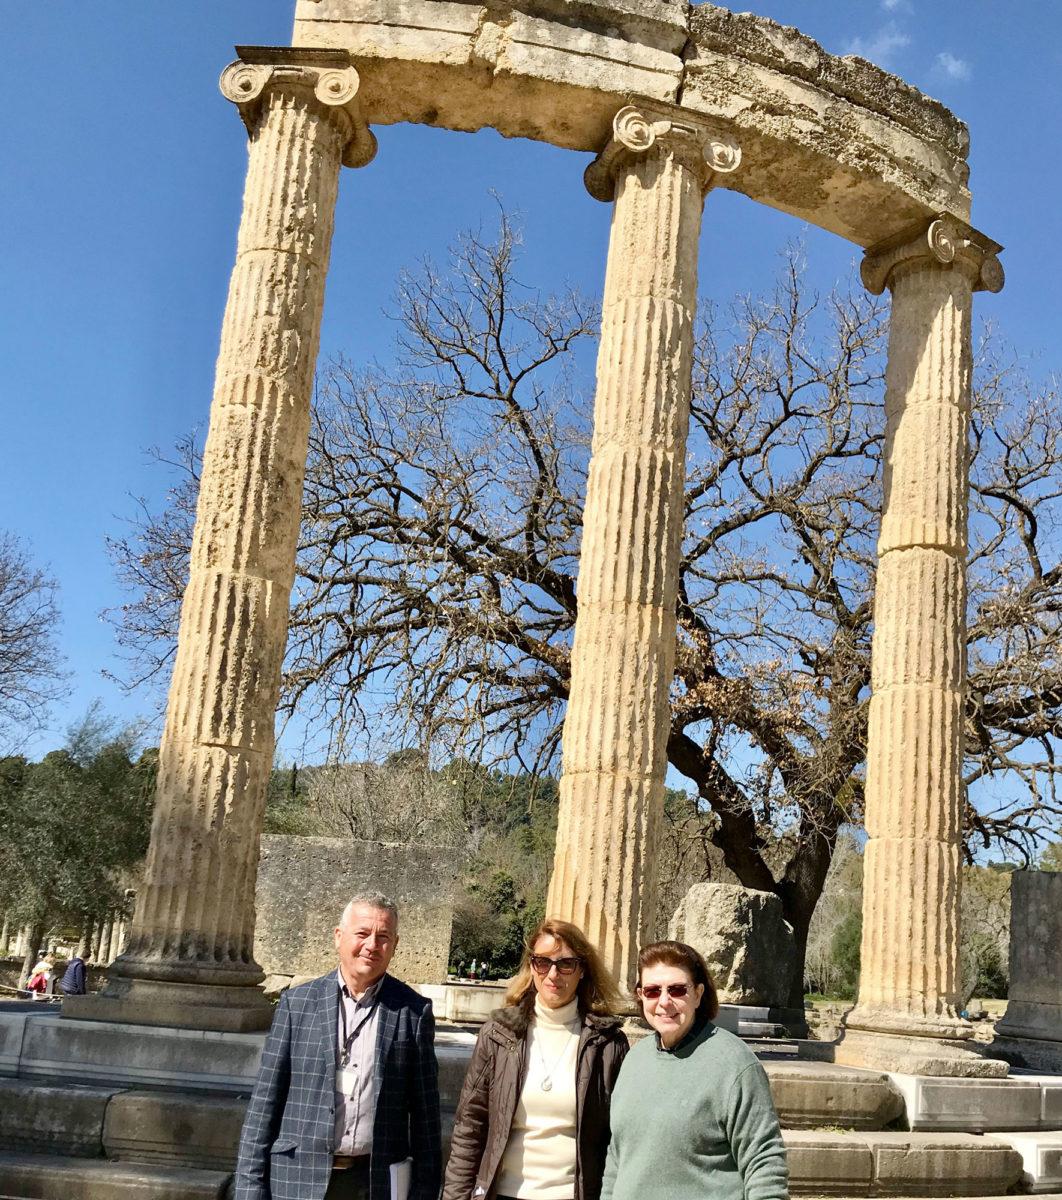 Η υπουργός Πολιτισμού και Αθλητισμού Λίνα Μενδώνη στην Ολυμπία, με τον αρχιφύλακα και την Έφορο Αρχαιοτήτων Ολυμπίας (φωτ.: ΥΠΠΟΑ).